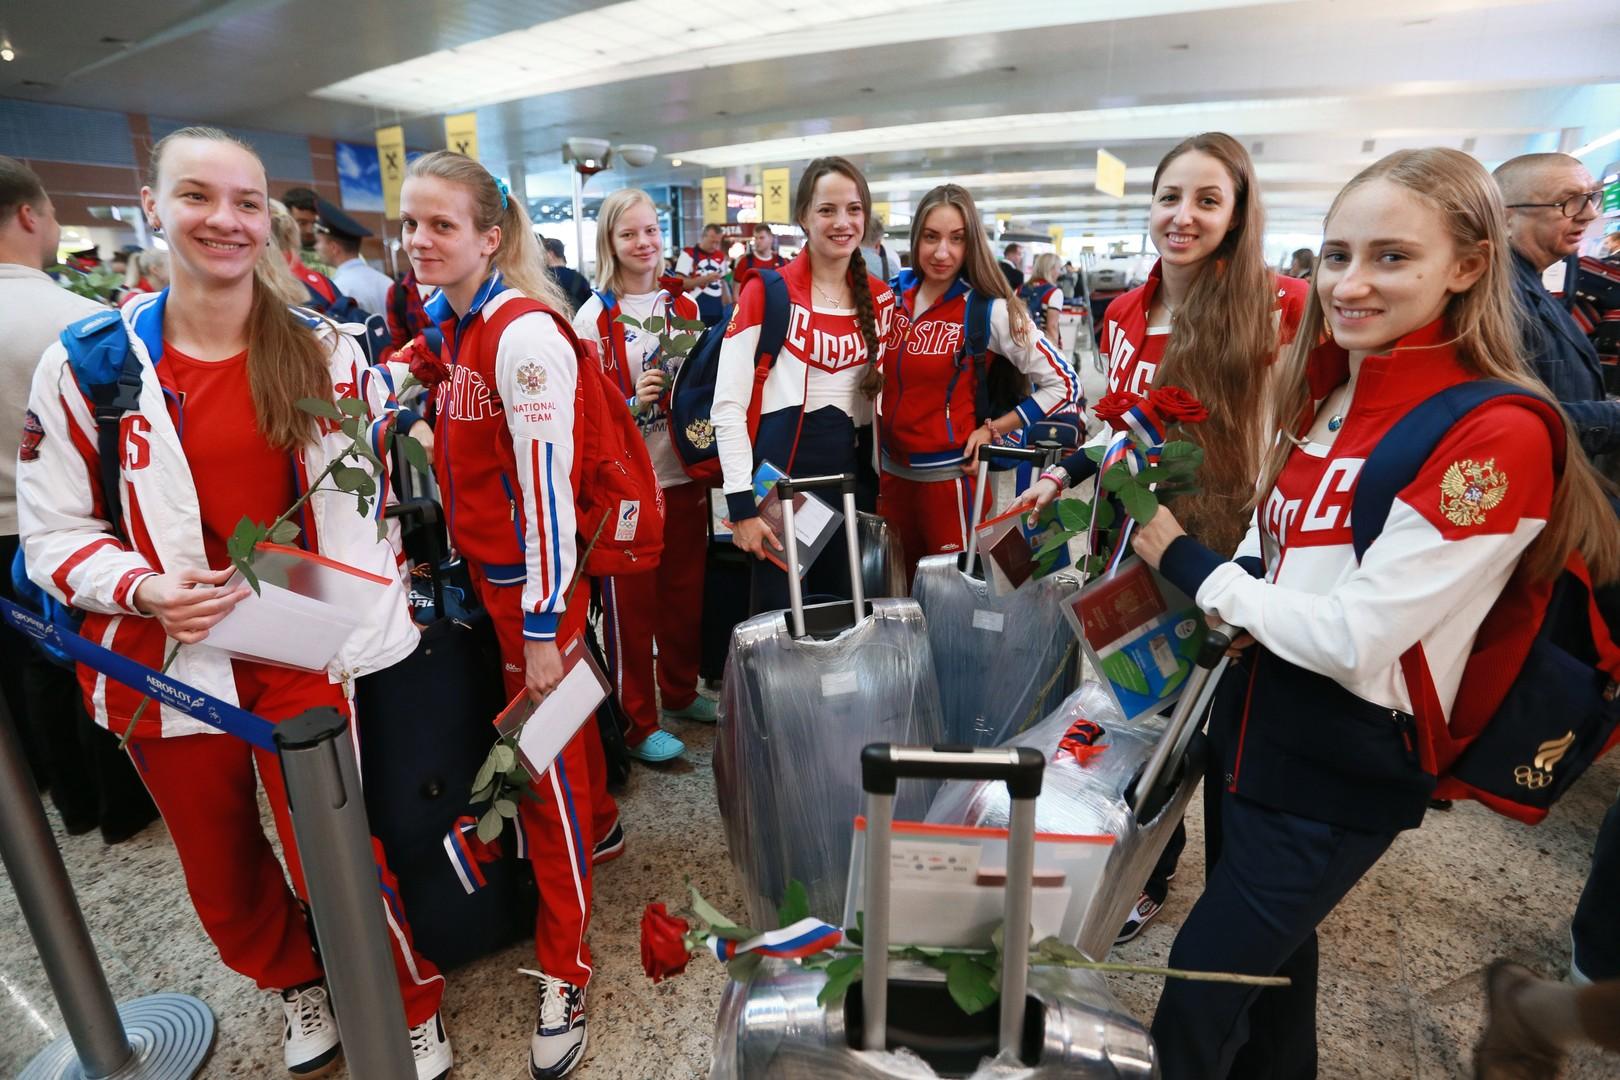 """Putin an das russische Olympia-Team: """"Zeigt der Welt, dass wir fair siegen können"""""""